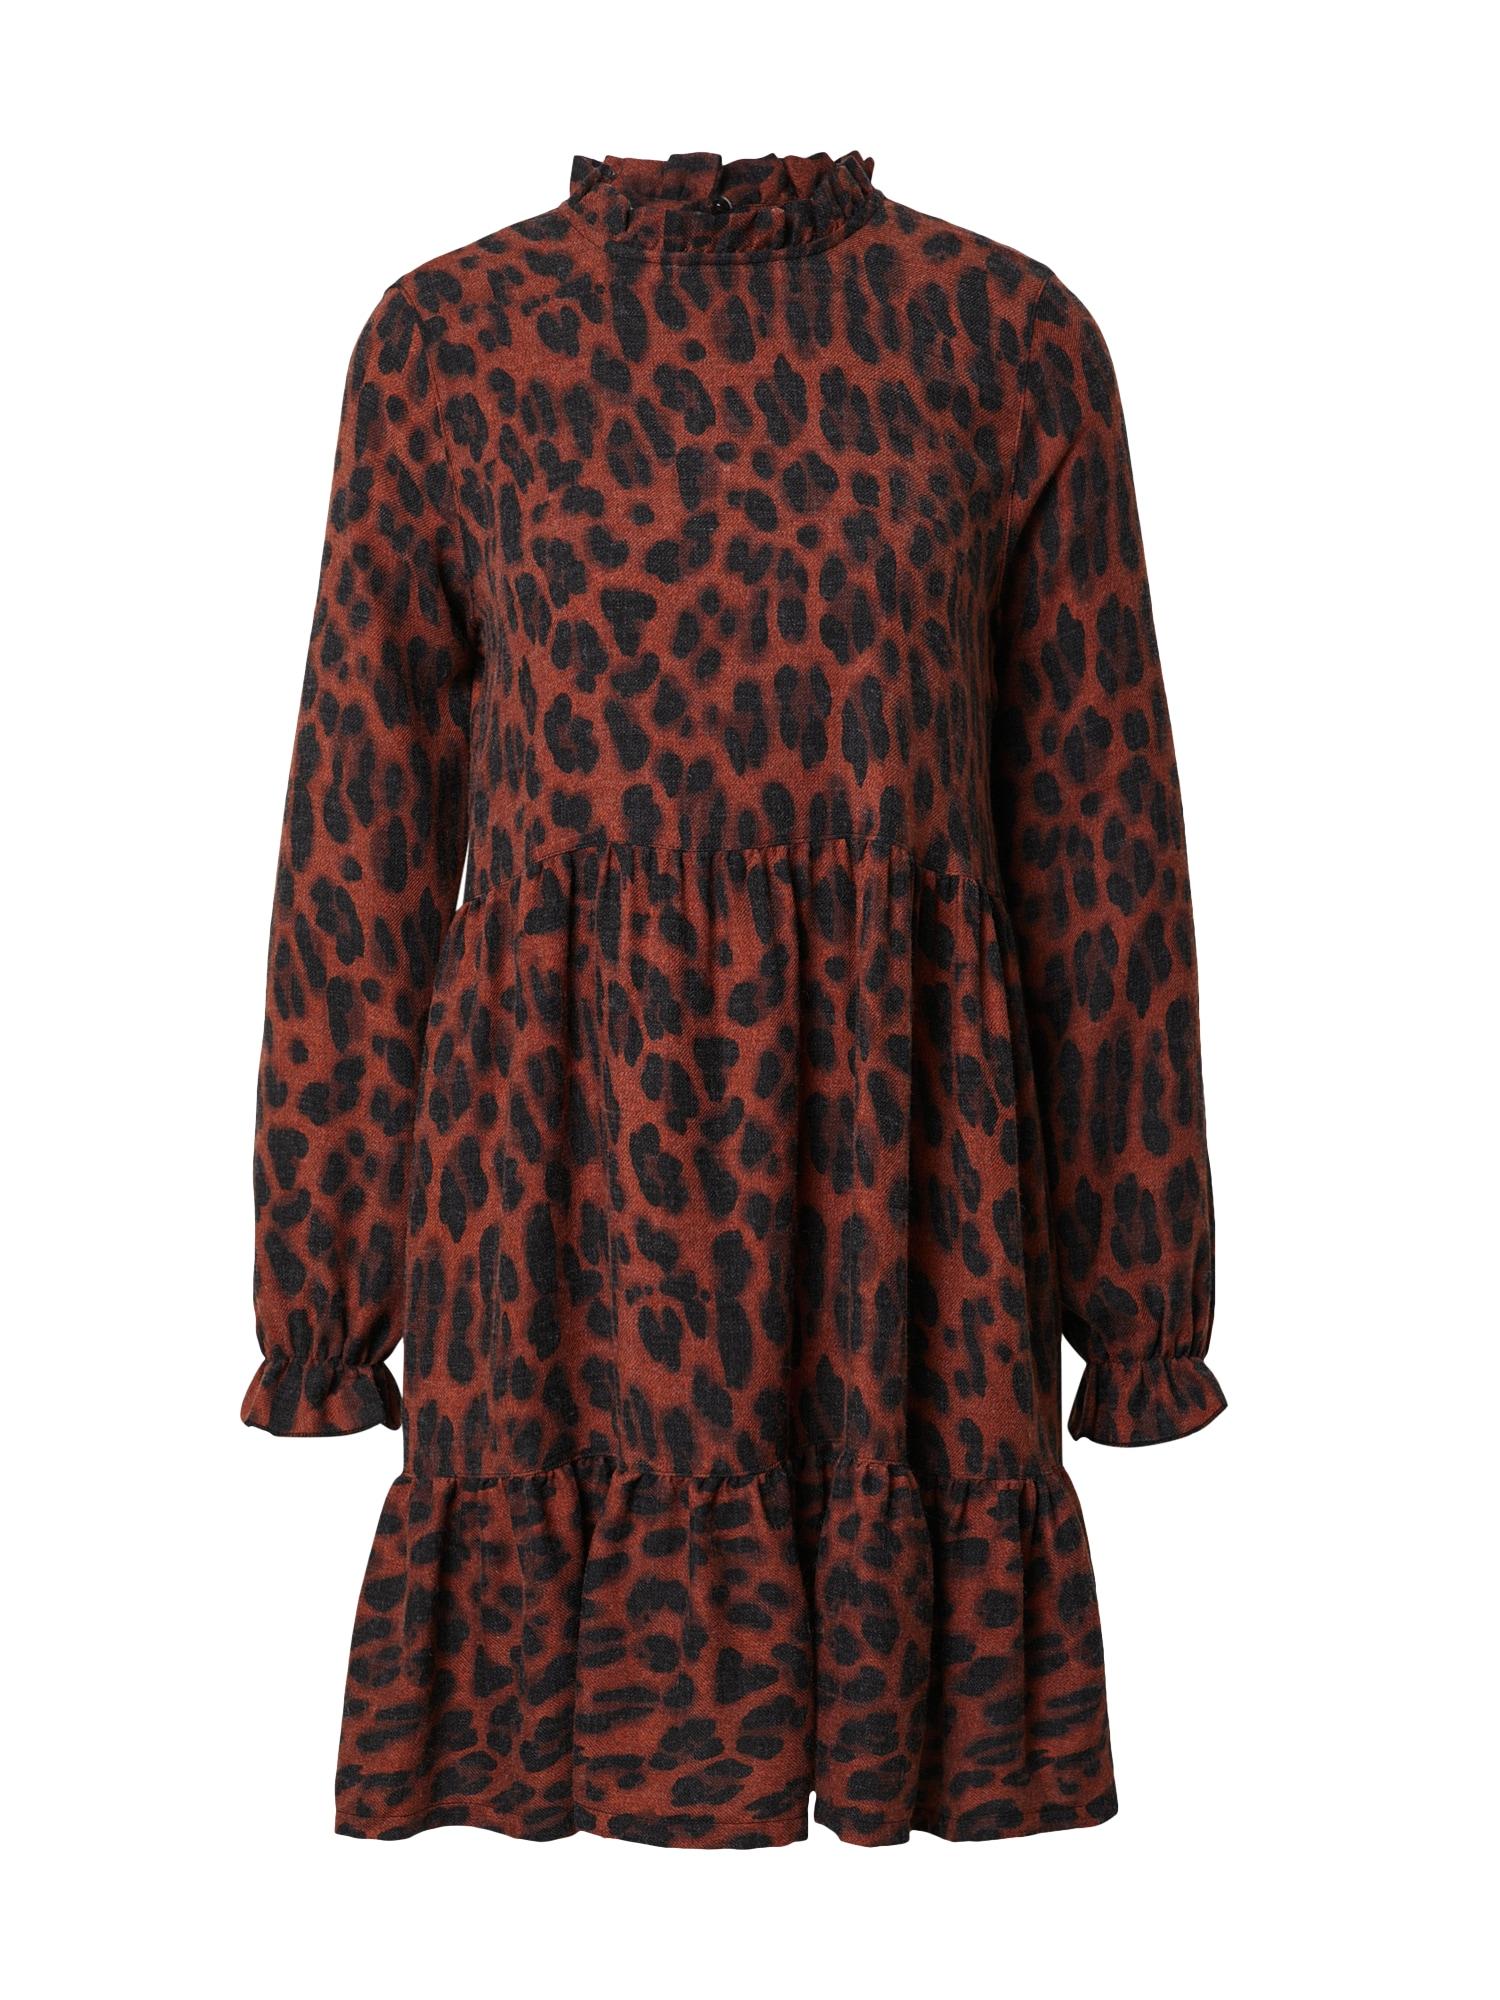 DeFacto Suknelė rūdžių raudona / juoda / skaisti avietinė ar rubino spalva